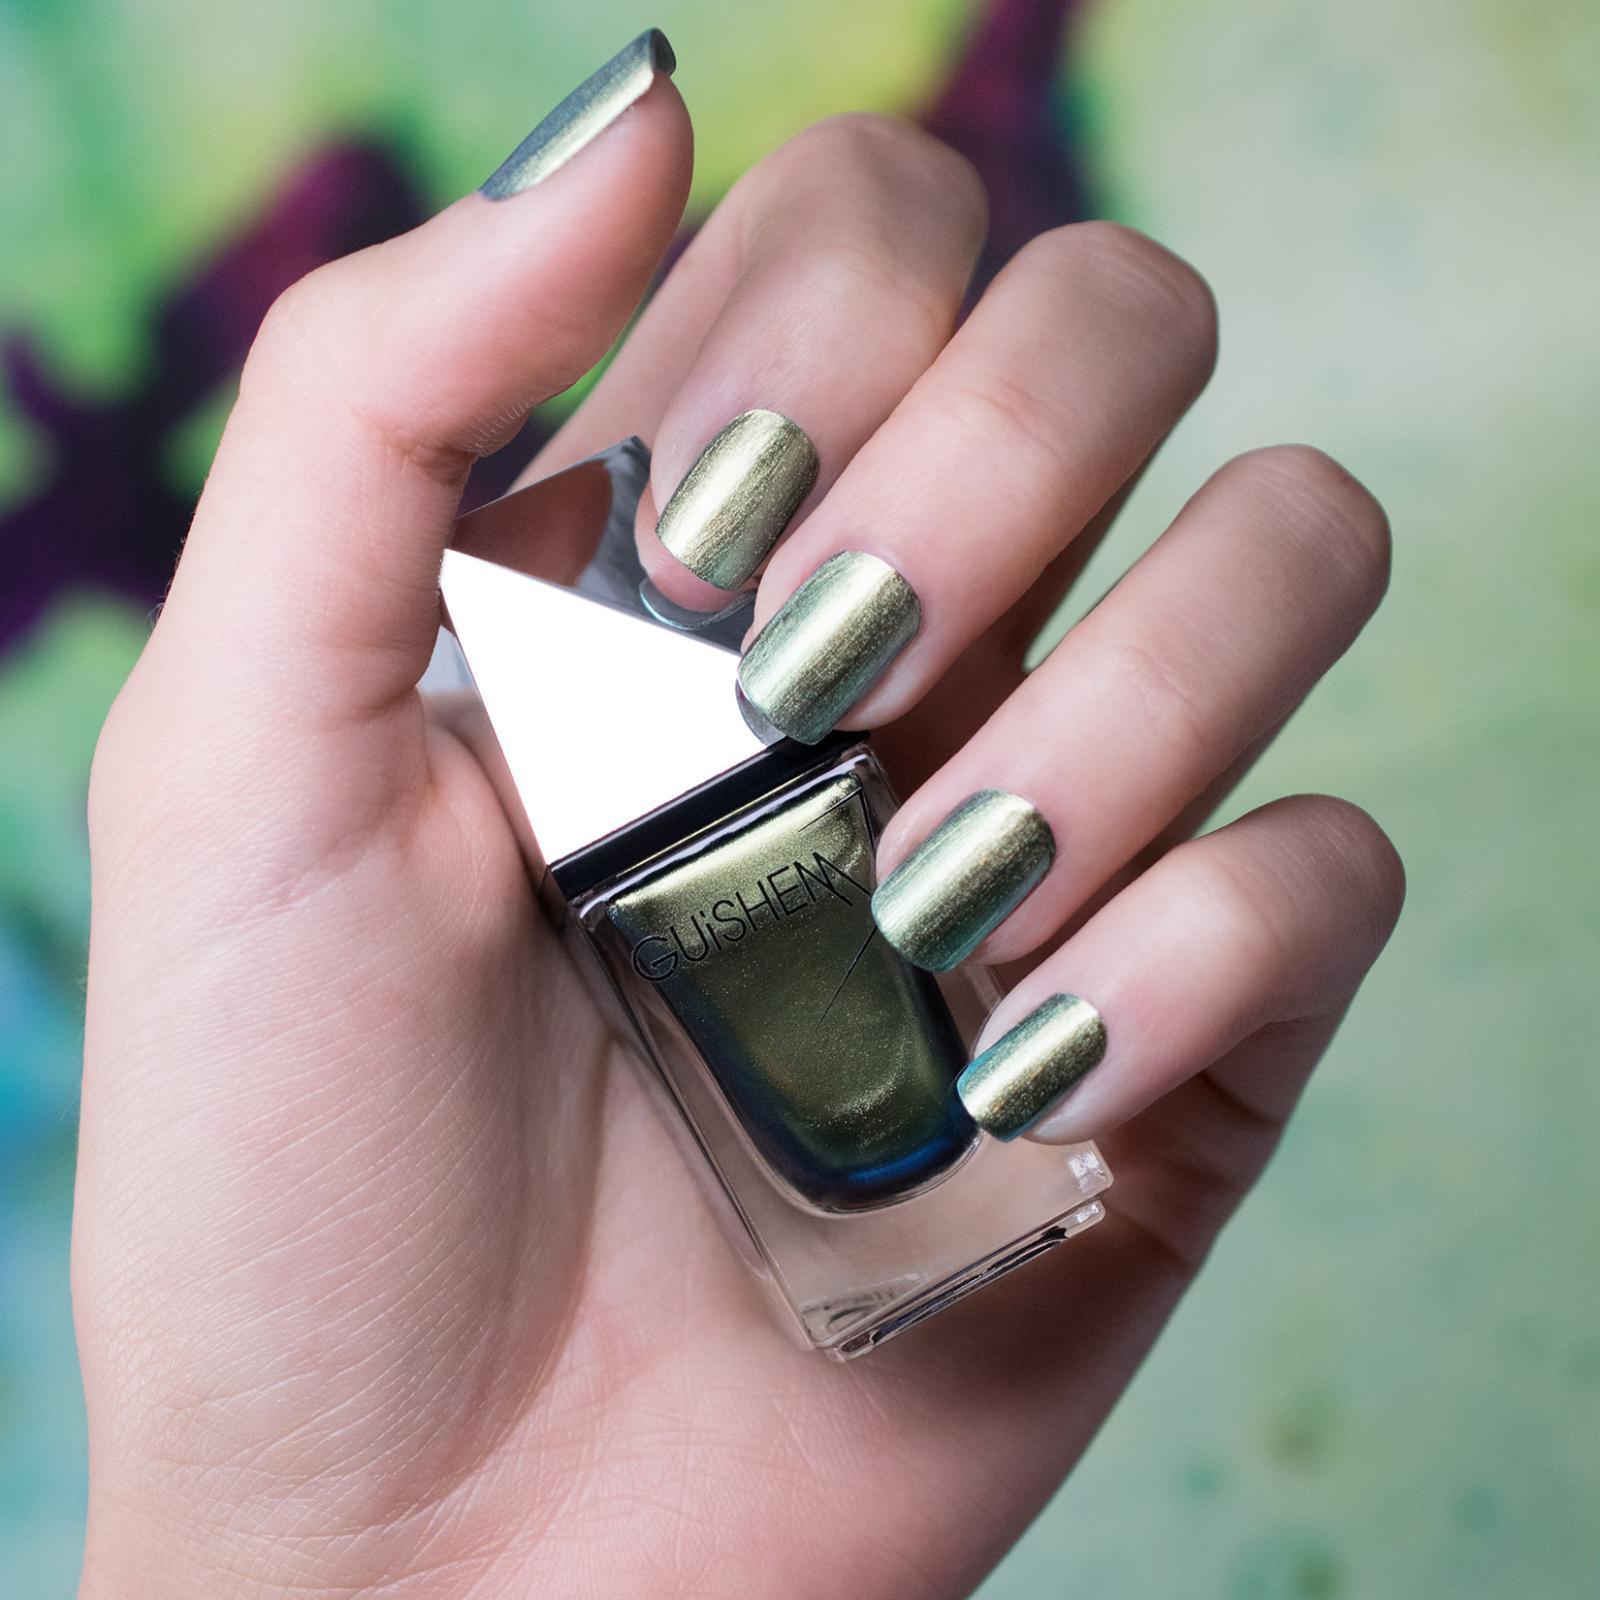 GUiSHEM Premium Nail Lacquer Metal Iridescent, Lauta - 581